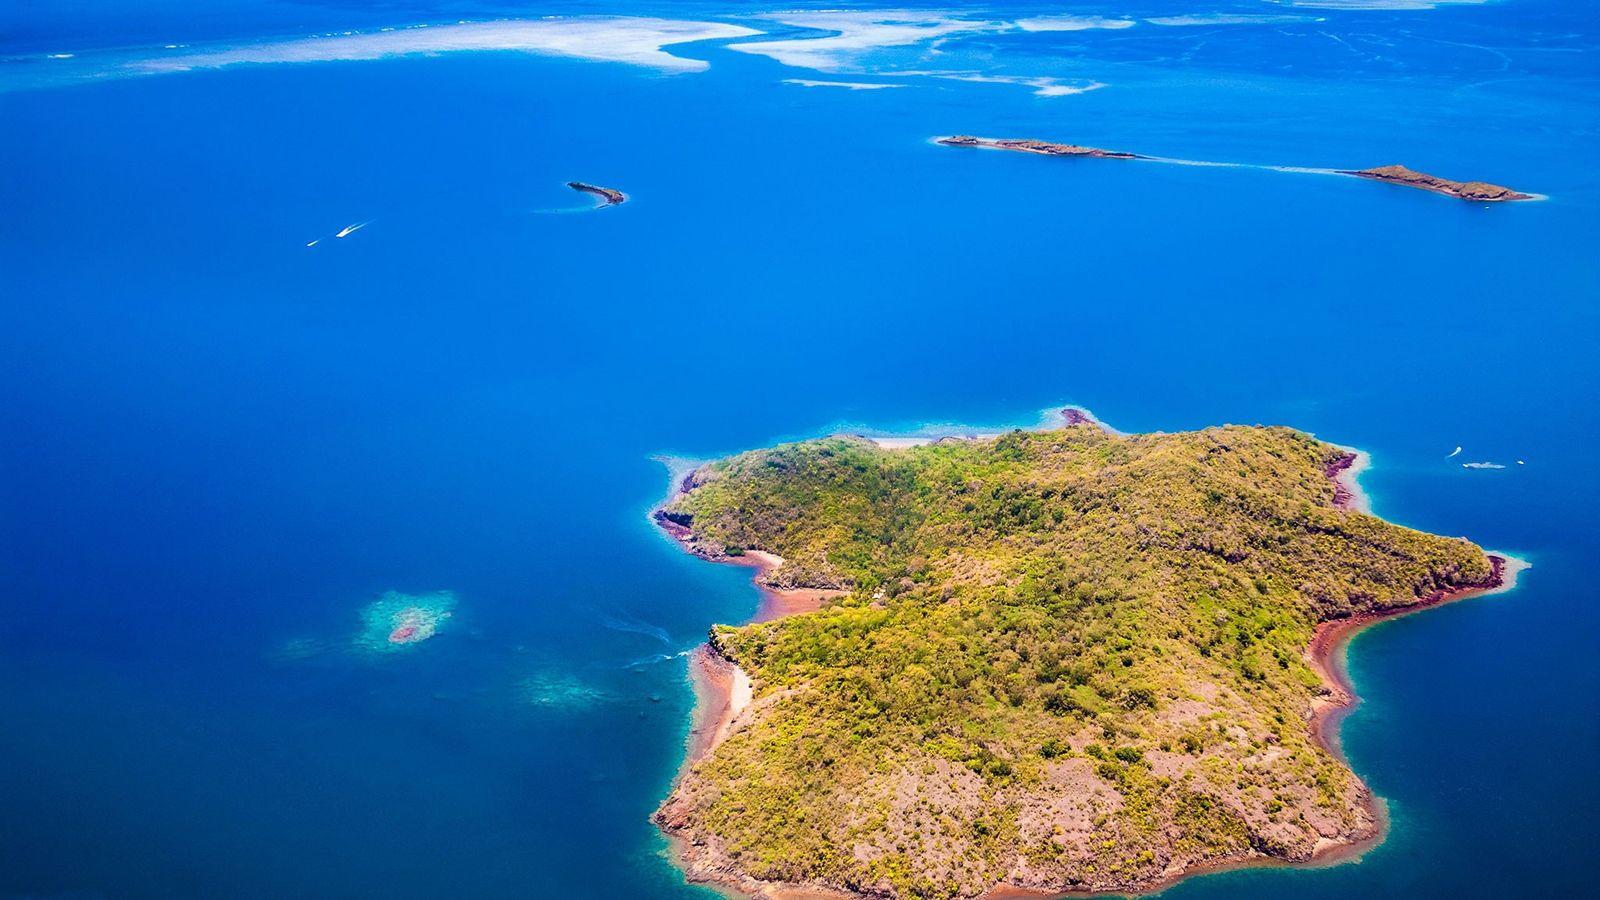 Depuis mai 2018, un étrange essaim de séismes secoue la région de Mayotte qui comprend l'île ...